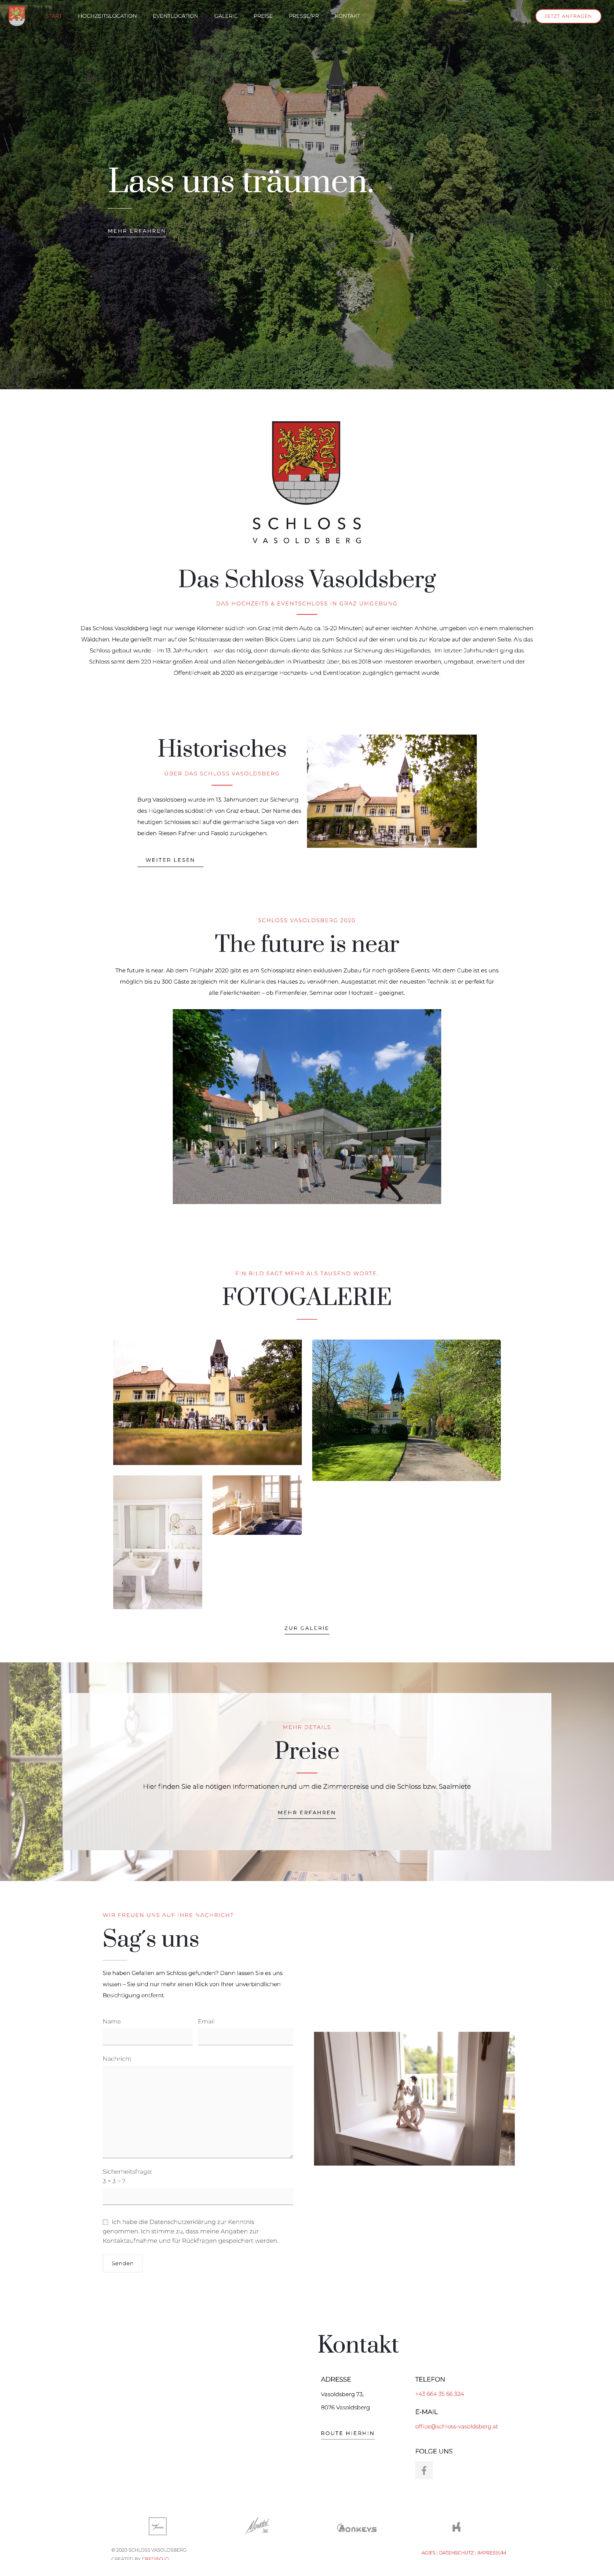 Portfolio 8